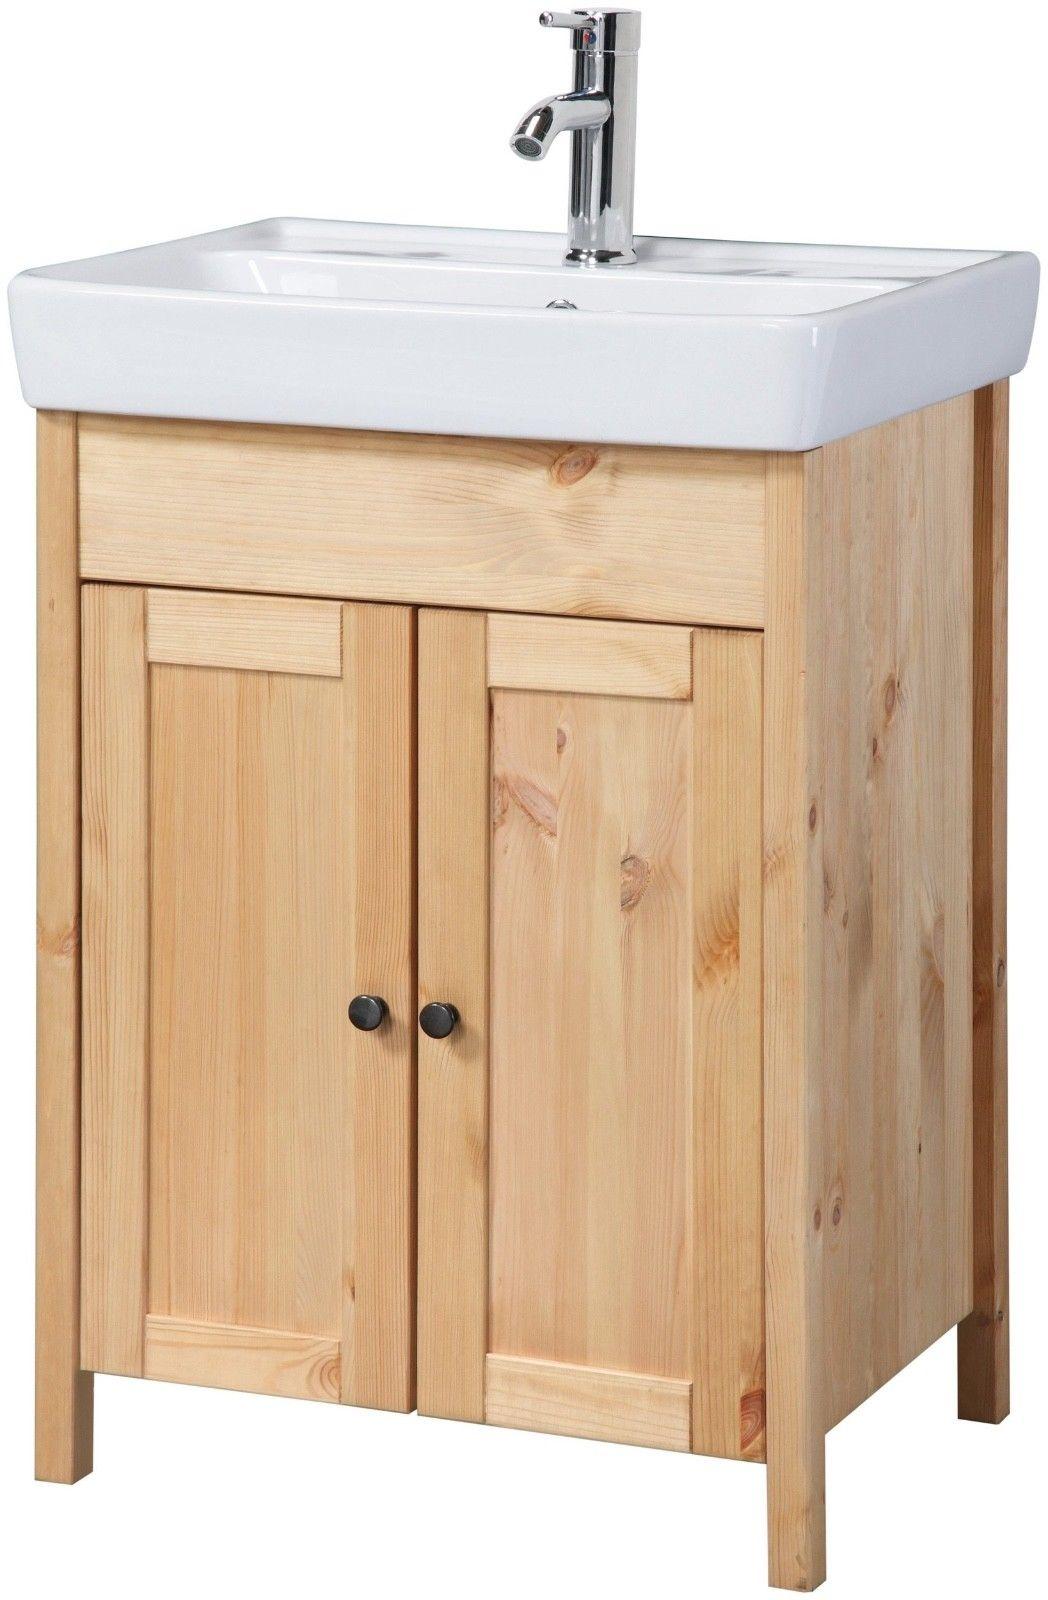 waschbecken mit schrank affordable waschtisch mit ikea. Black Bedroom Furniture Sets. Home Design Ideas